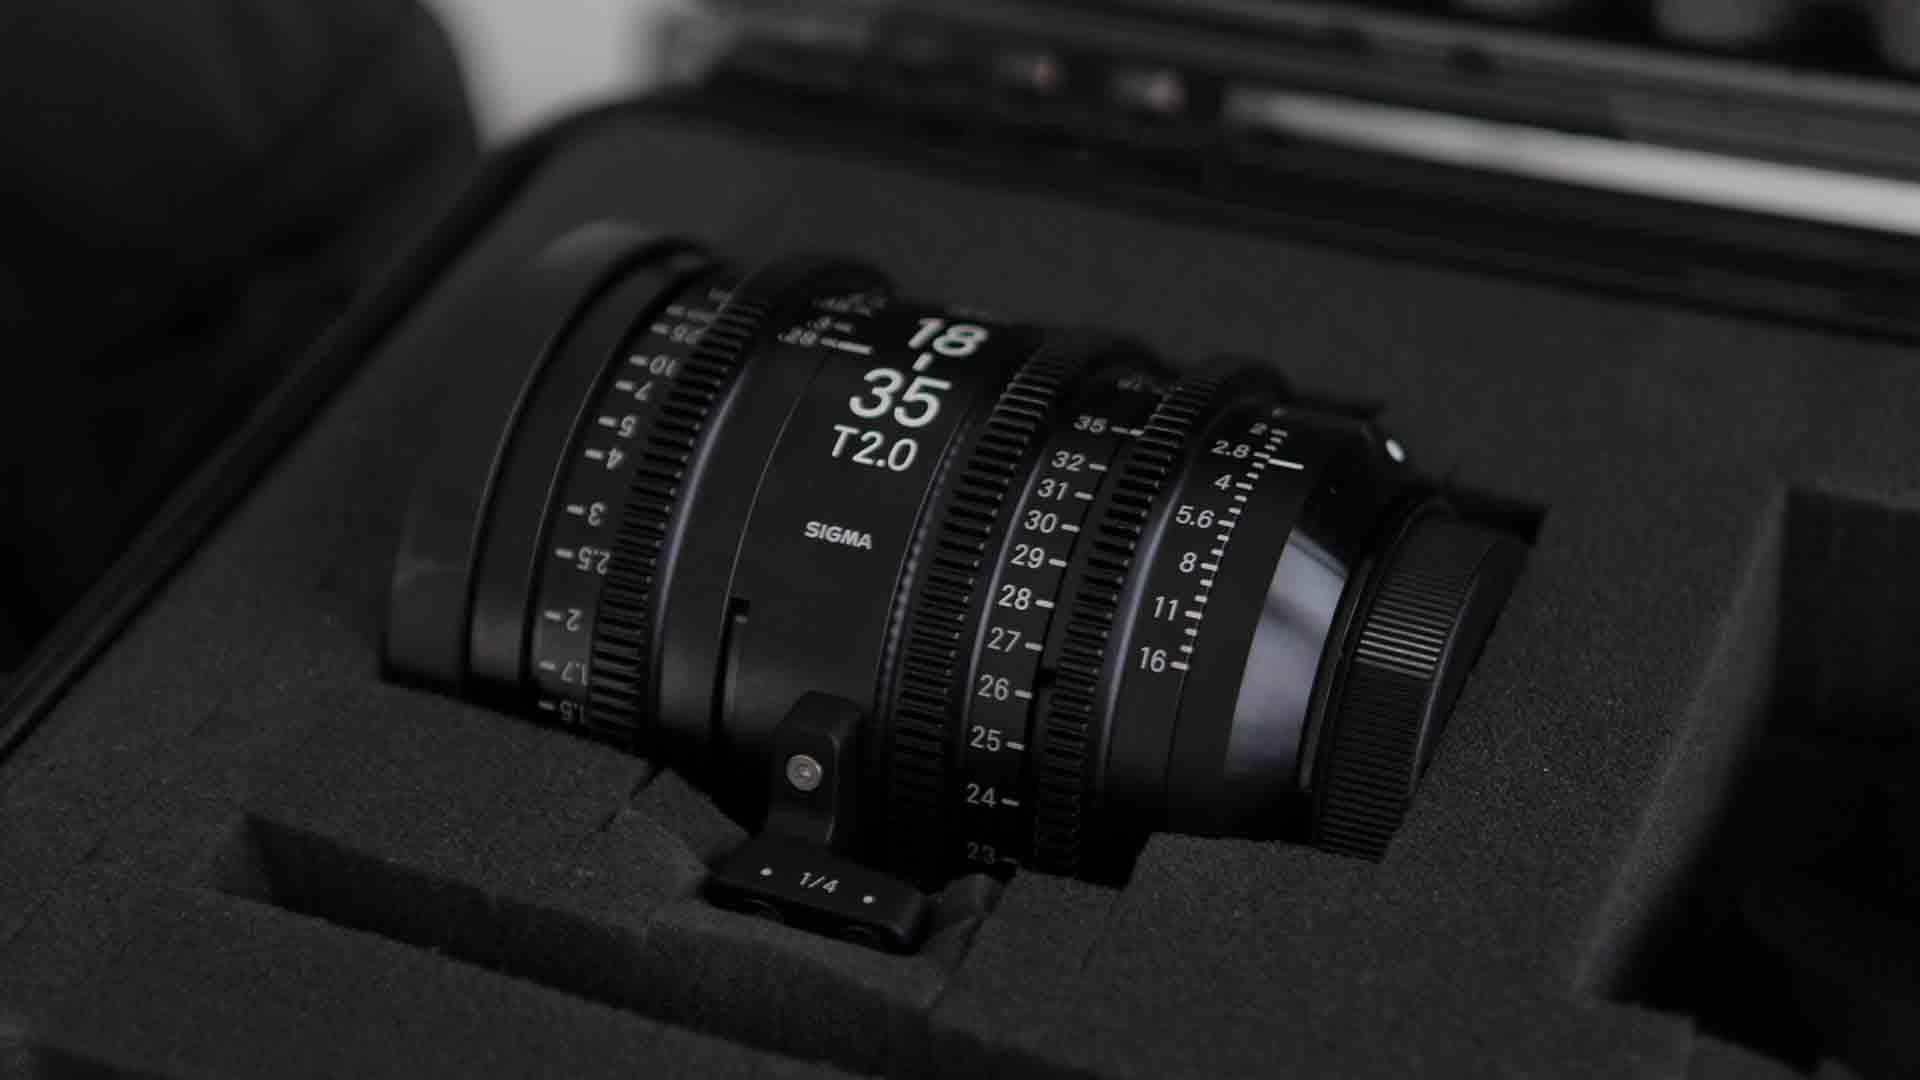 Das Bild zeigt ein Kameraobjektiv. Auf dem Kameraobjektiv sind die Worte Sigma und verschiedene Zahlen eingraviert. Das Objektiv liegt in einer Schaumstoffhalterung. Diese befindet sich in einem Koffer. Das Bild dient als Sliderbild für den Portfolioeintrag 3Dconnexion SpaceMouse von Panda Pictures.